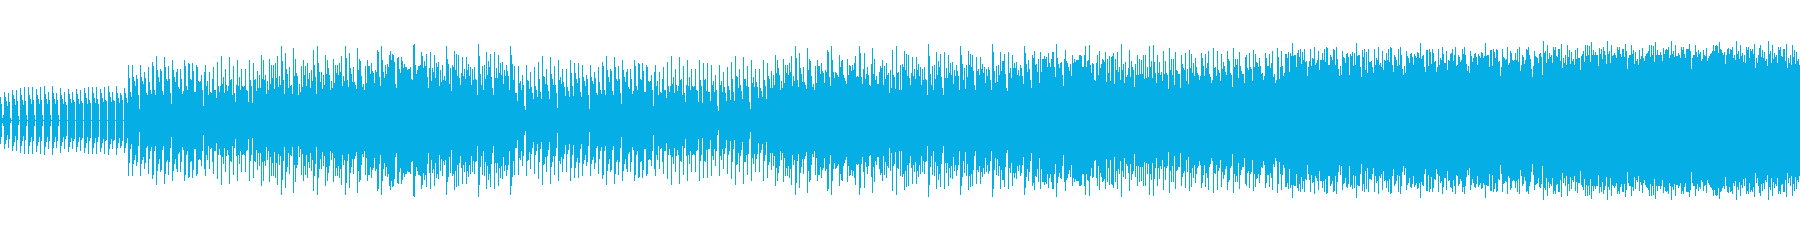 8ビットゲームサウンドBGM 04の再生済みの波形